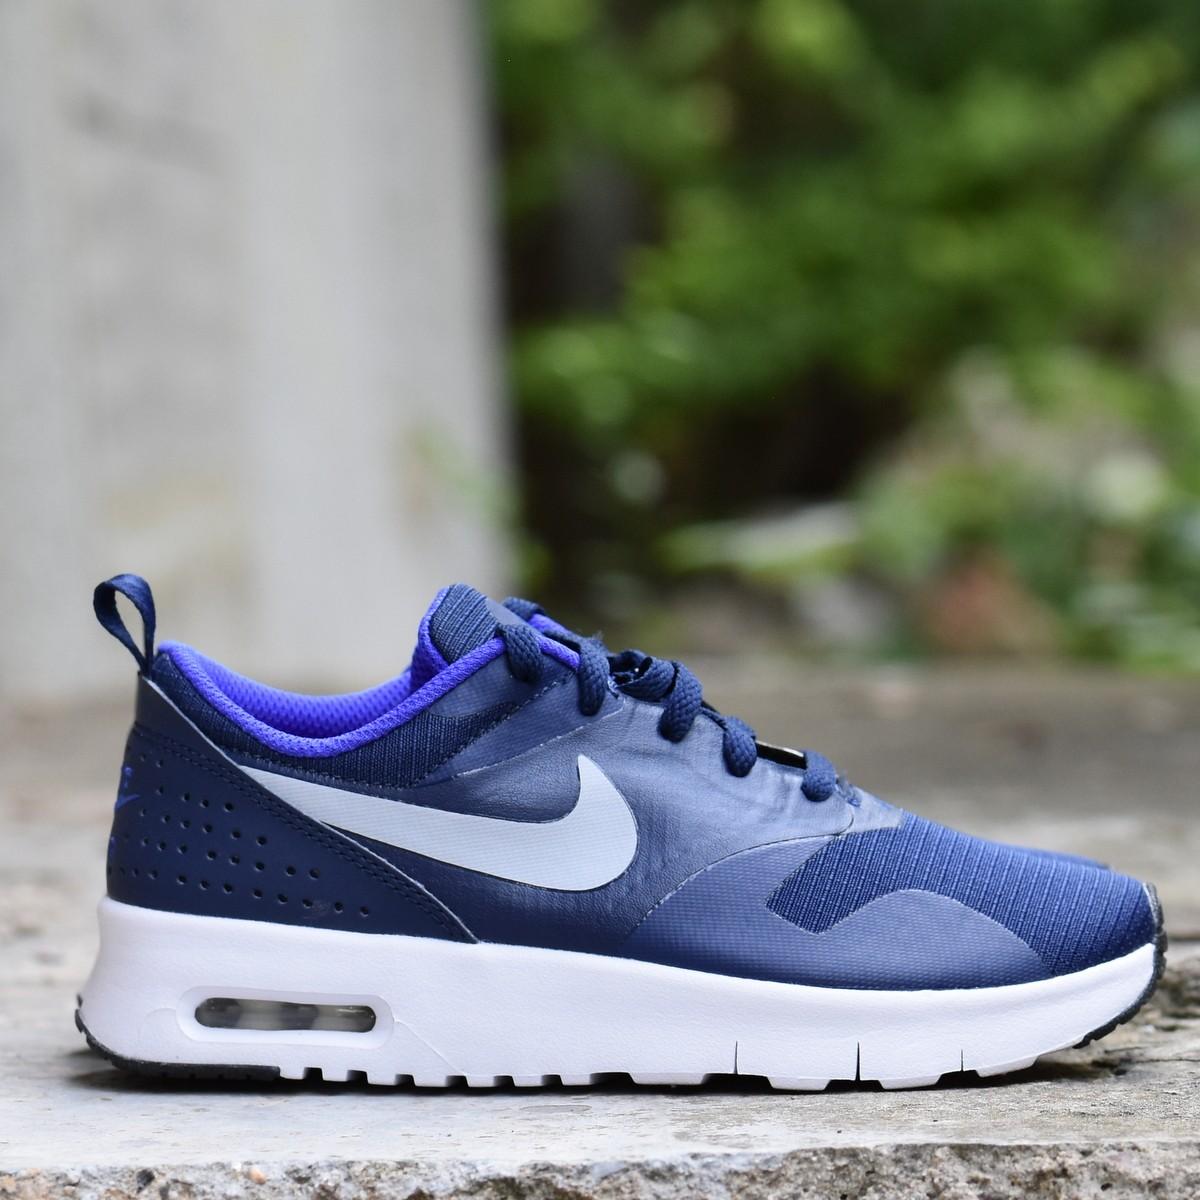 Nike AIR MAX TAVAS (PS) Dětské boty EU 28 844104-404 eb6eaa4faa